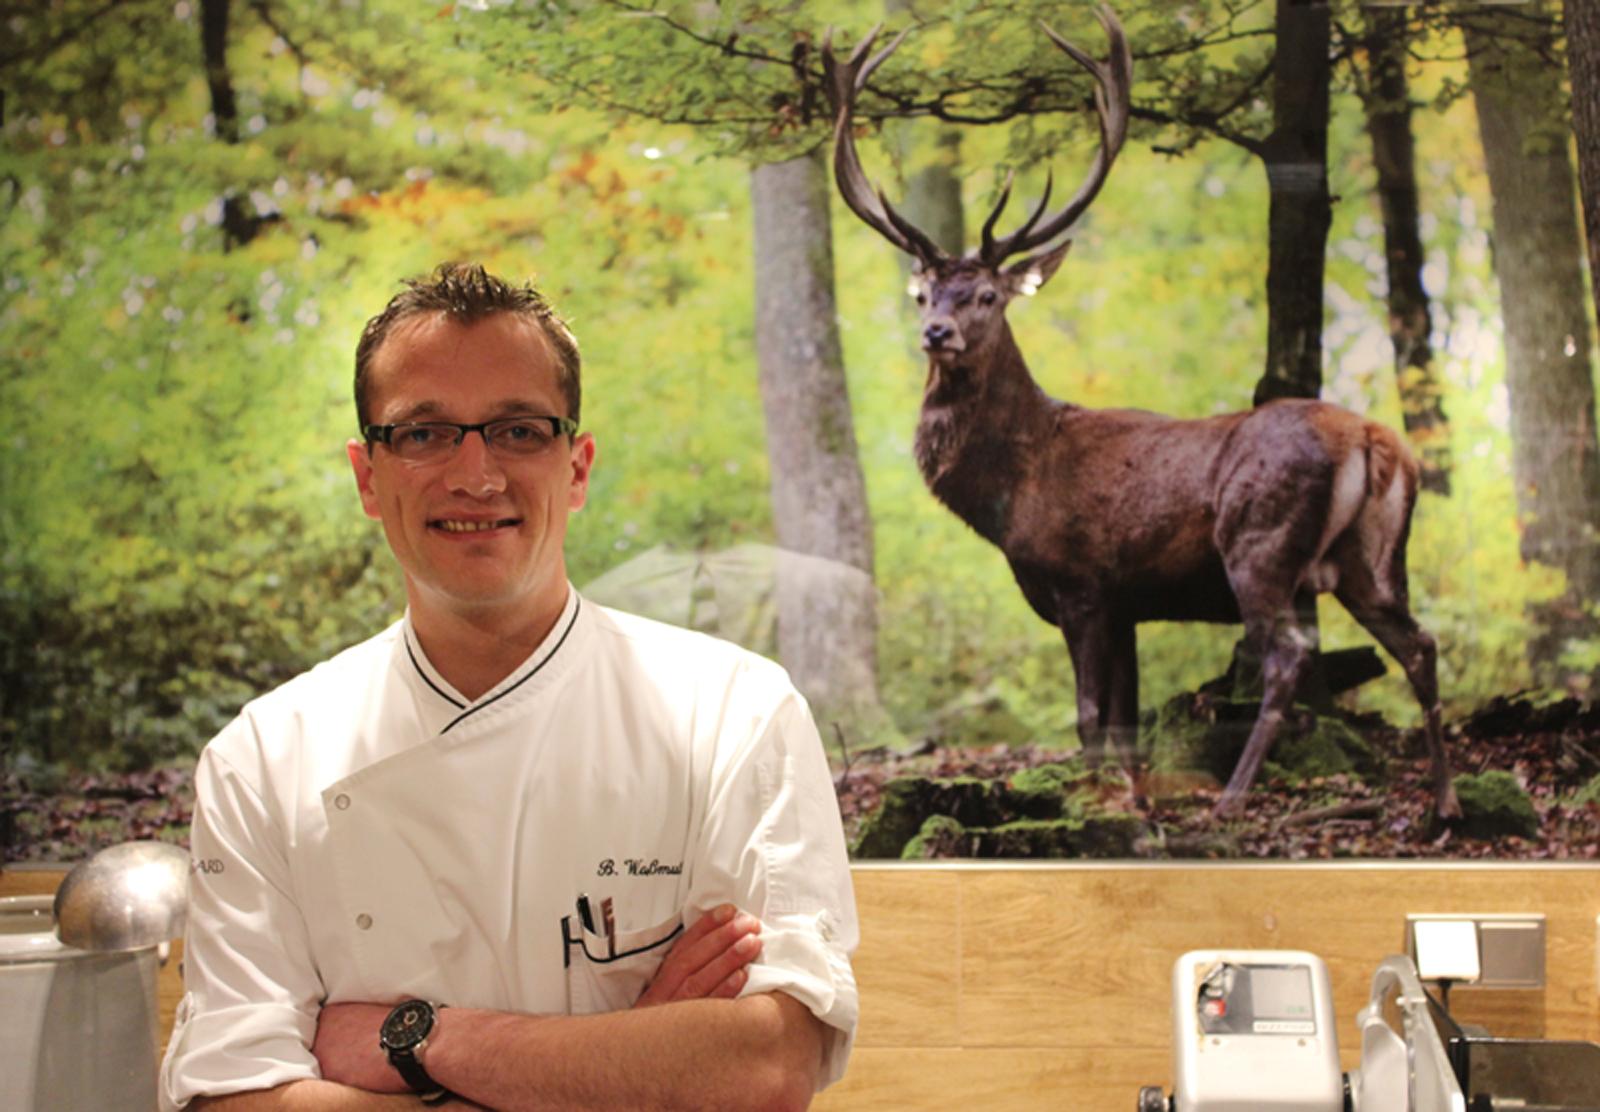 Neuer Küchendirektor im Fairmont Hotel Vier Jahreszeiten ...